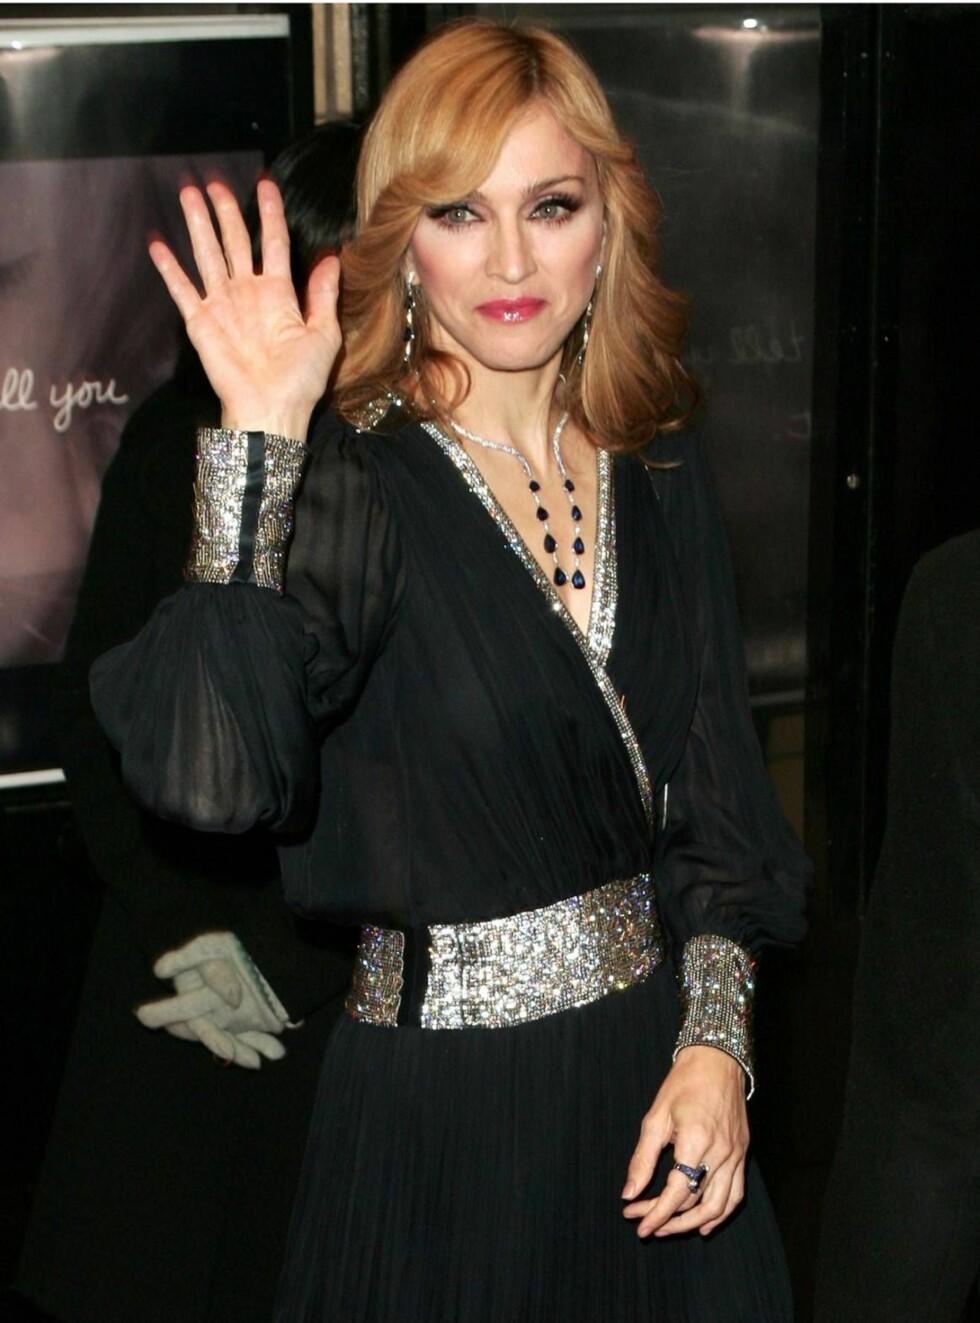 SNAKKER UT: Madonna tar bladet fra munnen i Oprahs sofa. Foto: All Over Press